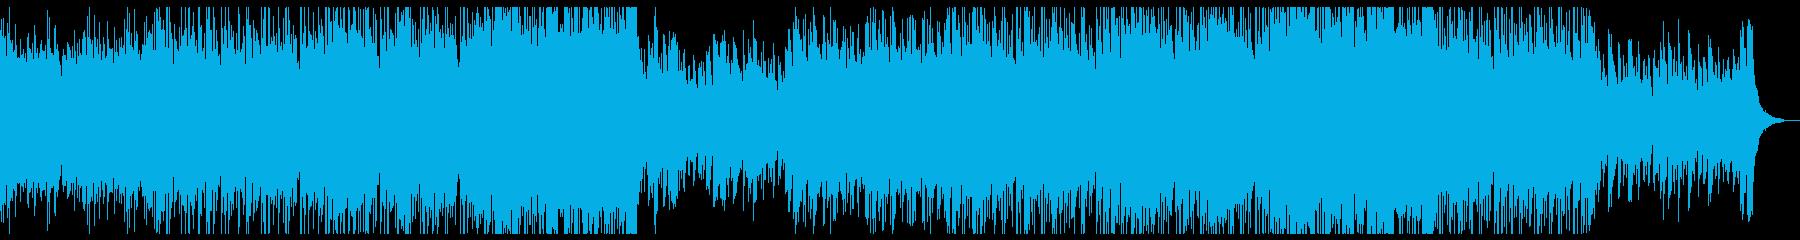 ピアノの雄大で爽やかなチルポップ。の再生済みの波形